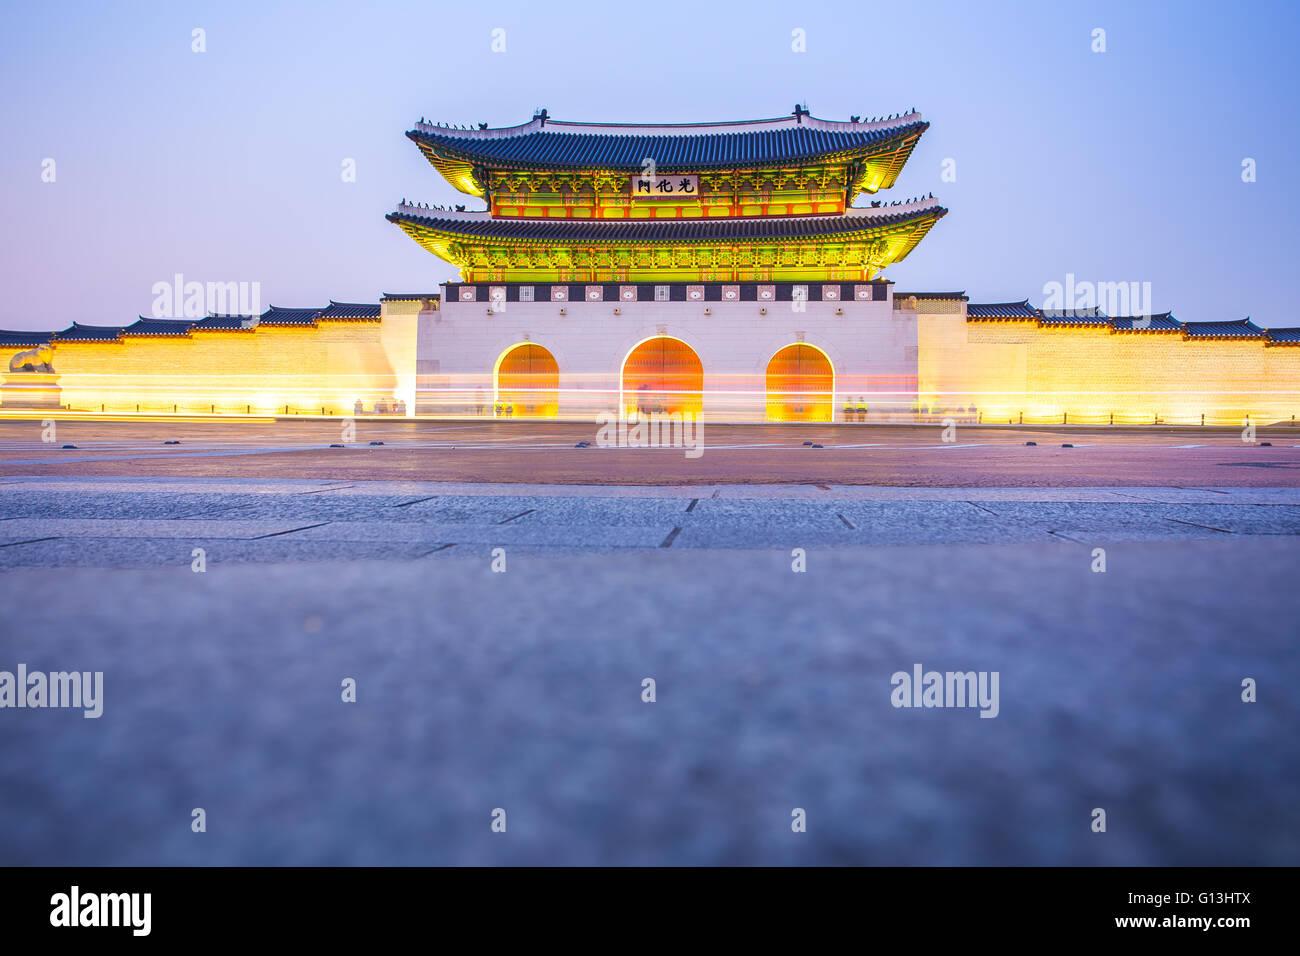 Notte al Palazzo Gyeongbokgung a Seul, in Corea del Sud. Immagini Stock